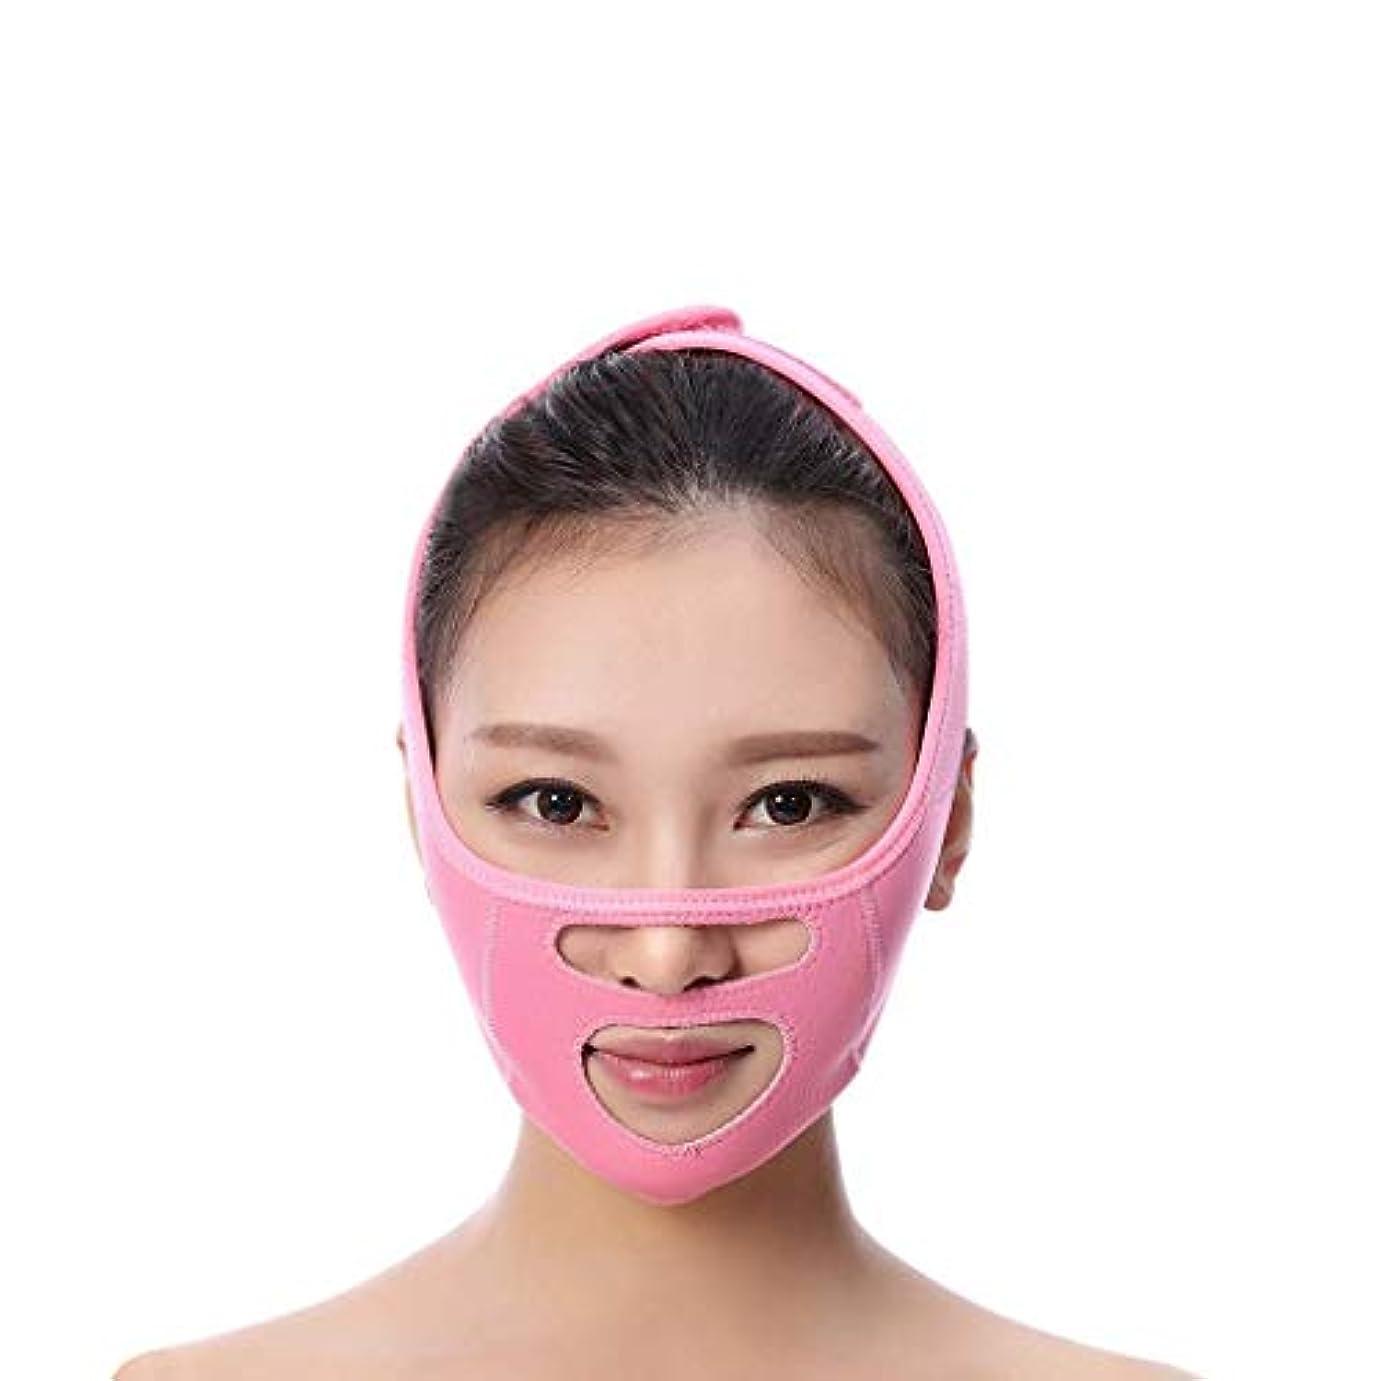 序文苦味手首フェイスリフトテープ&バンド、フェイススリミングマスク、ダブルチン、ダブルチンリデューサー、シワ防止マスク、リフティングシェイプ(フリーサイズ)(カラー:ピンク),ピンク